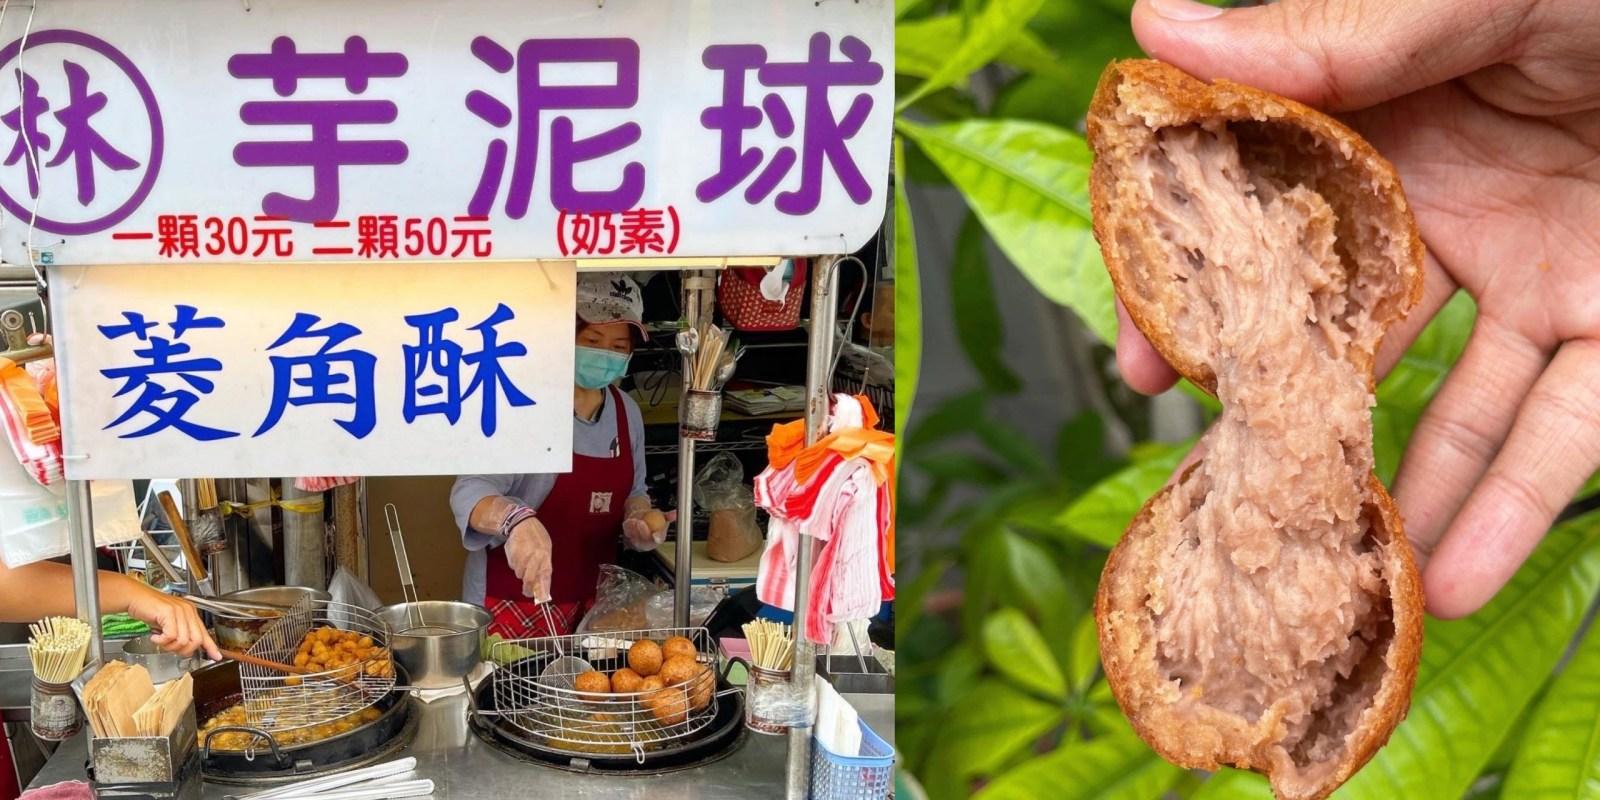 [新竹美食] 林家芋泥球 - 城隍廟旁邊這攤子賣的是阿青吃過最好吃的炸芋泥球!